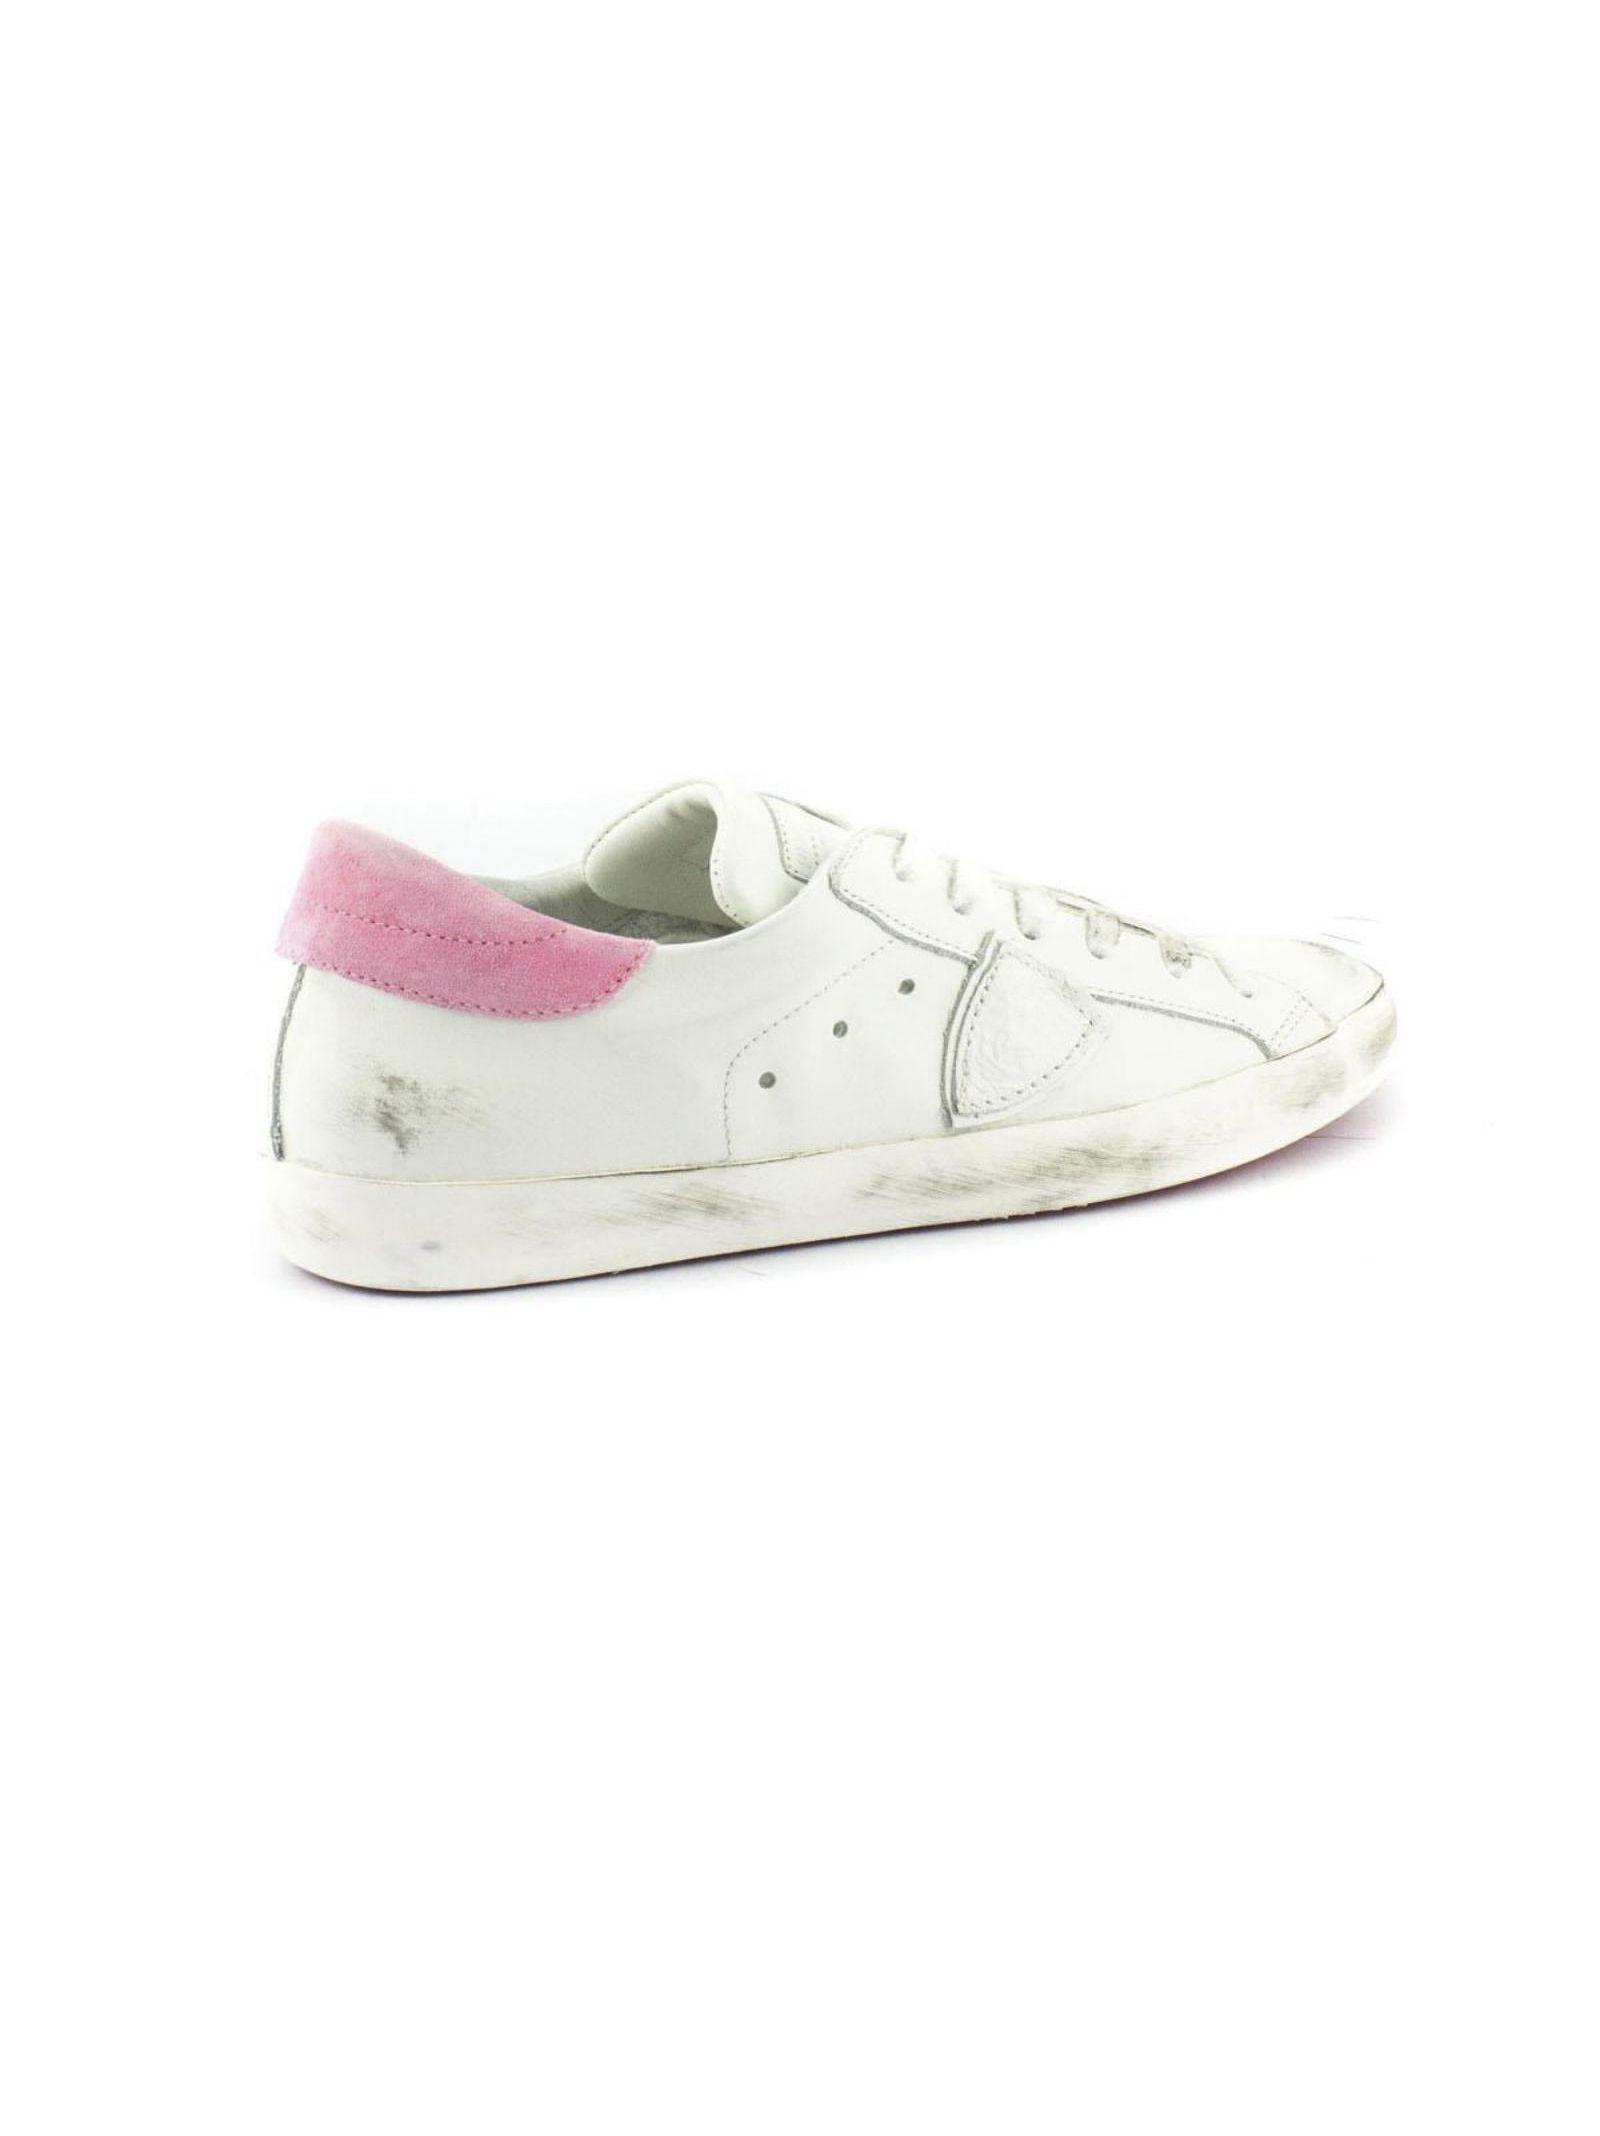 Sneaker En Cuir Blanc Paris oEdp1qQpT7